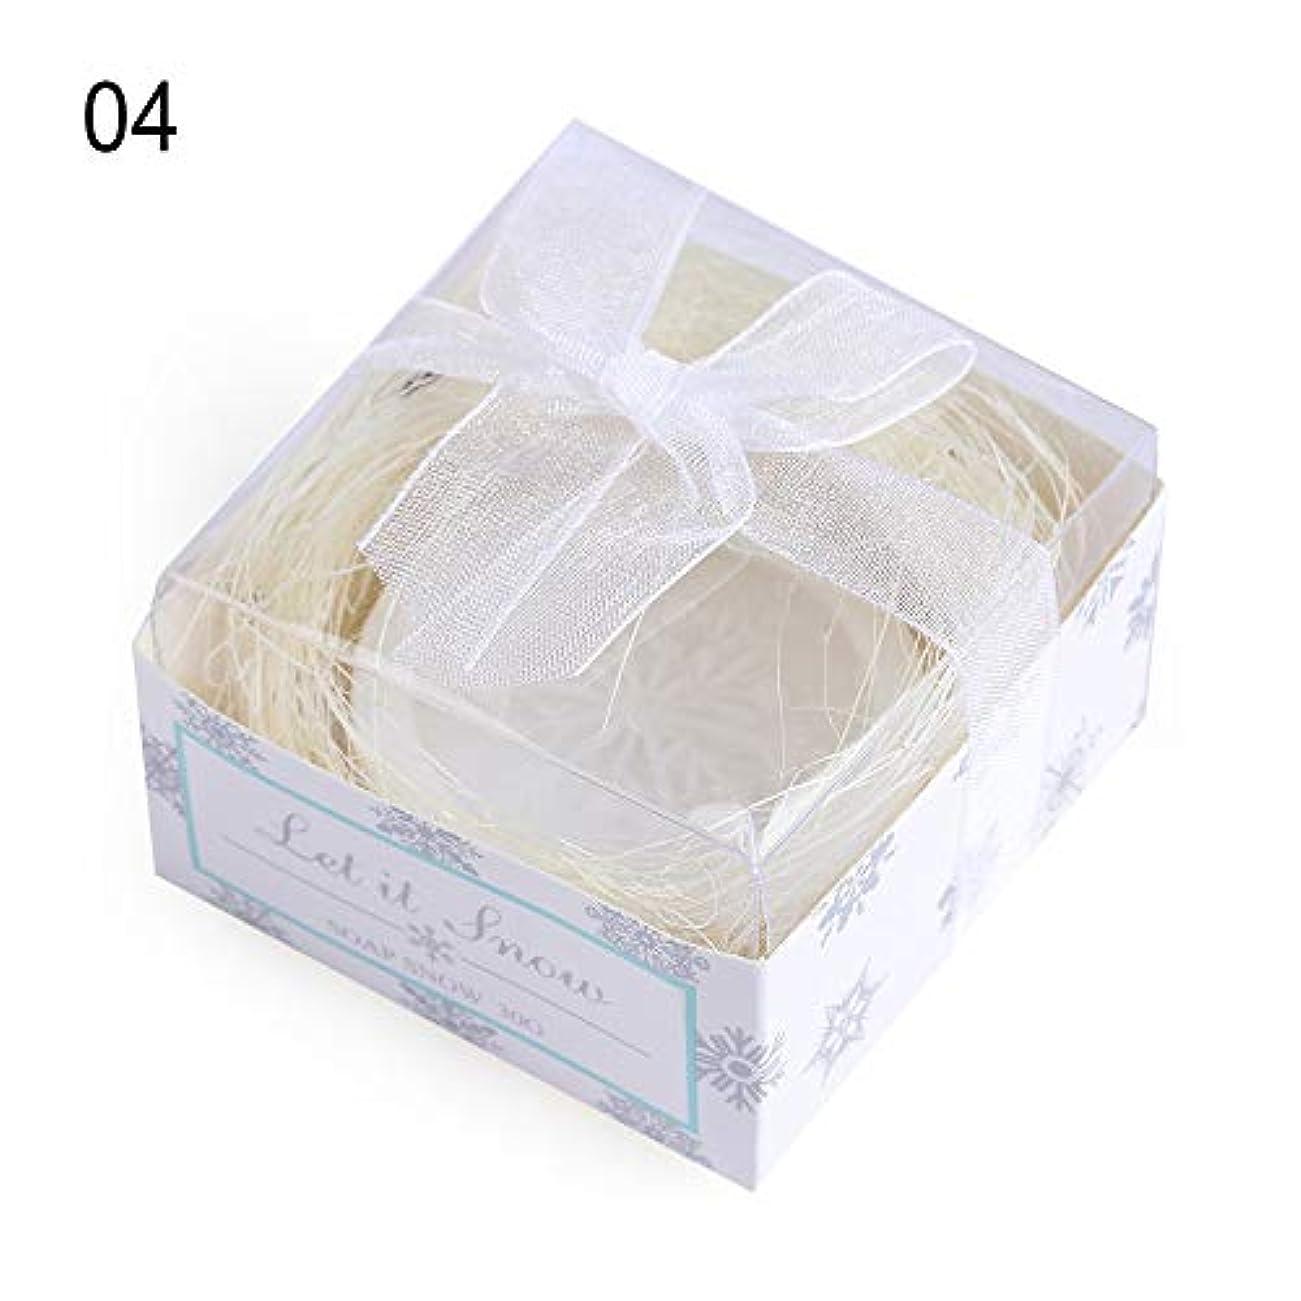 施しフェローシップ人間手作り石鹸ミニ様々なファッション形状デザイン浴室石鹸結婚式パーティーハンドギフト